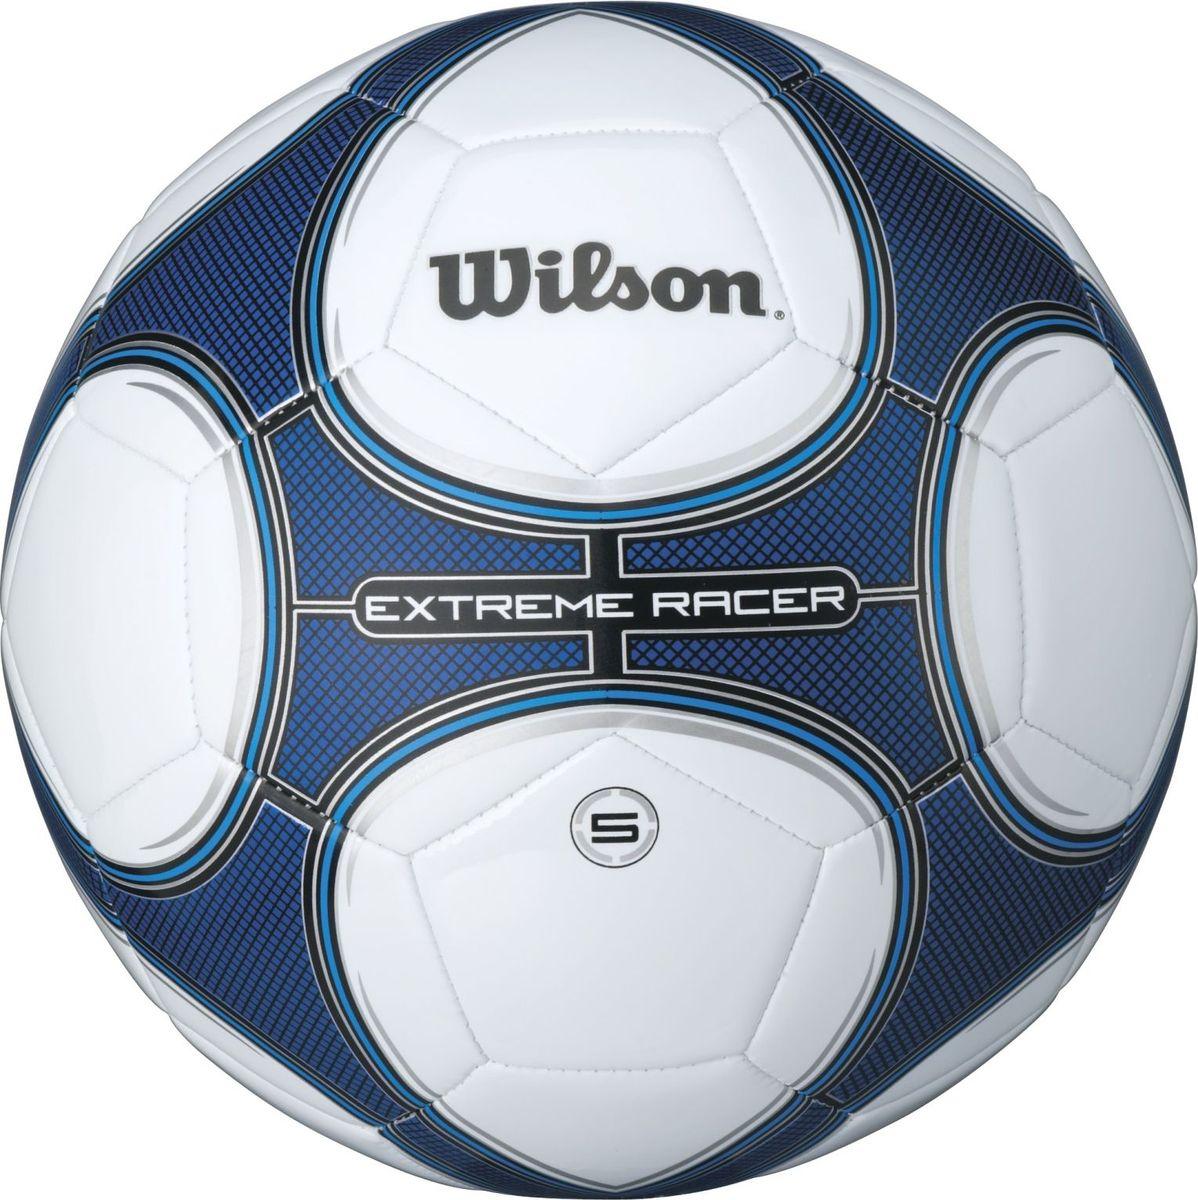 Мяч футбольный Wilson Extreme Racer, цвет: синий. Размер: 5BP8684Новый дизайн мячей EXTREME RACER, водоотталкивающее кожаное покрытие, оптимально мягкое и максимальная износостойкость.